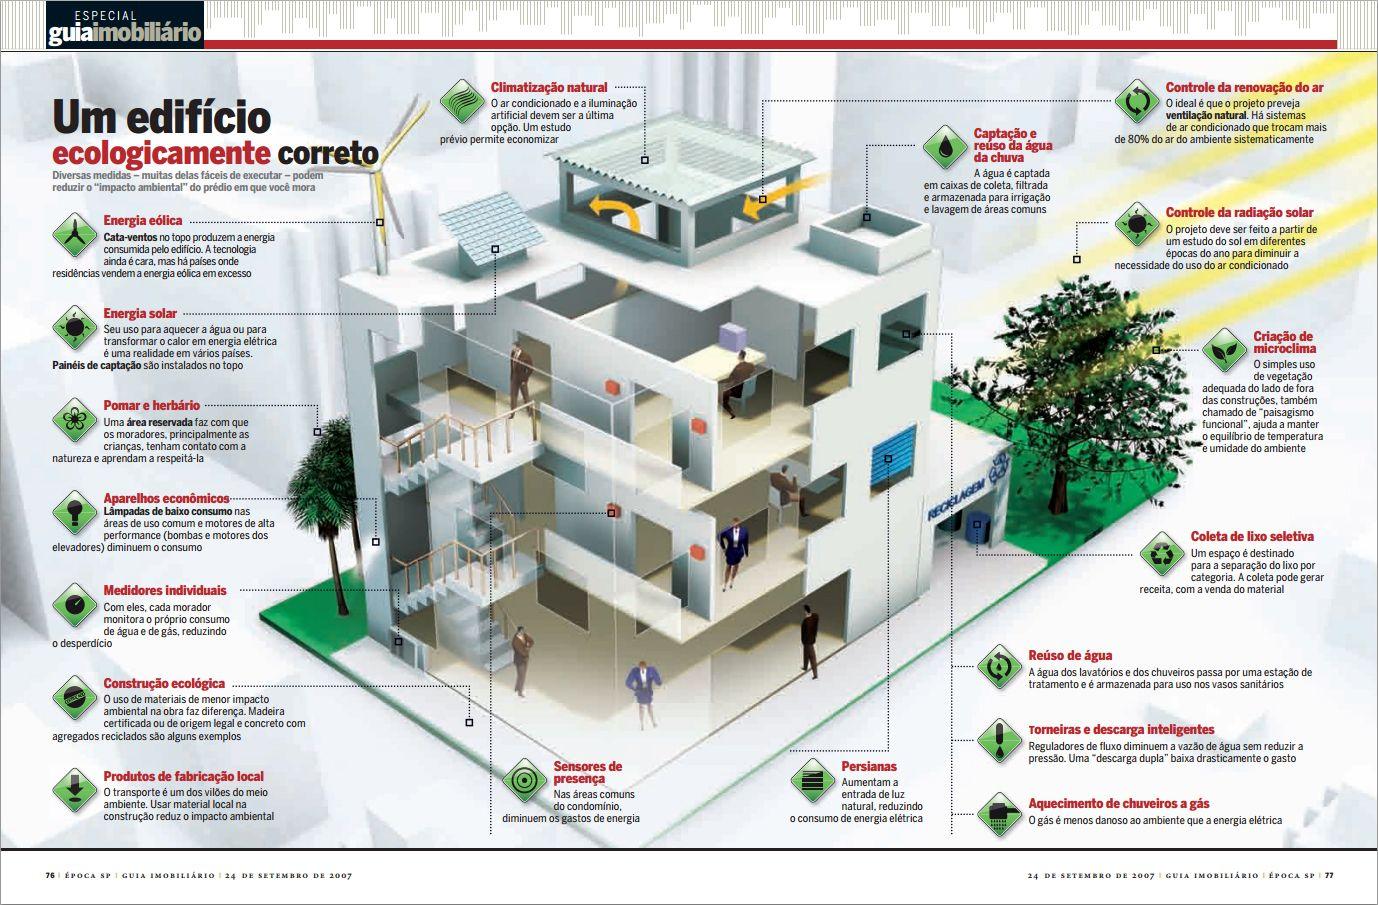 Edificio Ecologicamente Correto